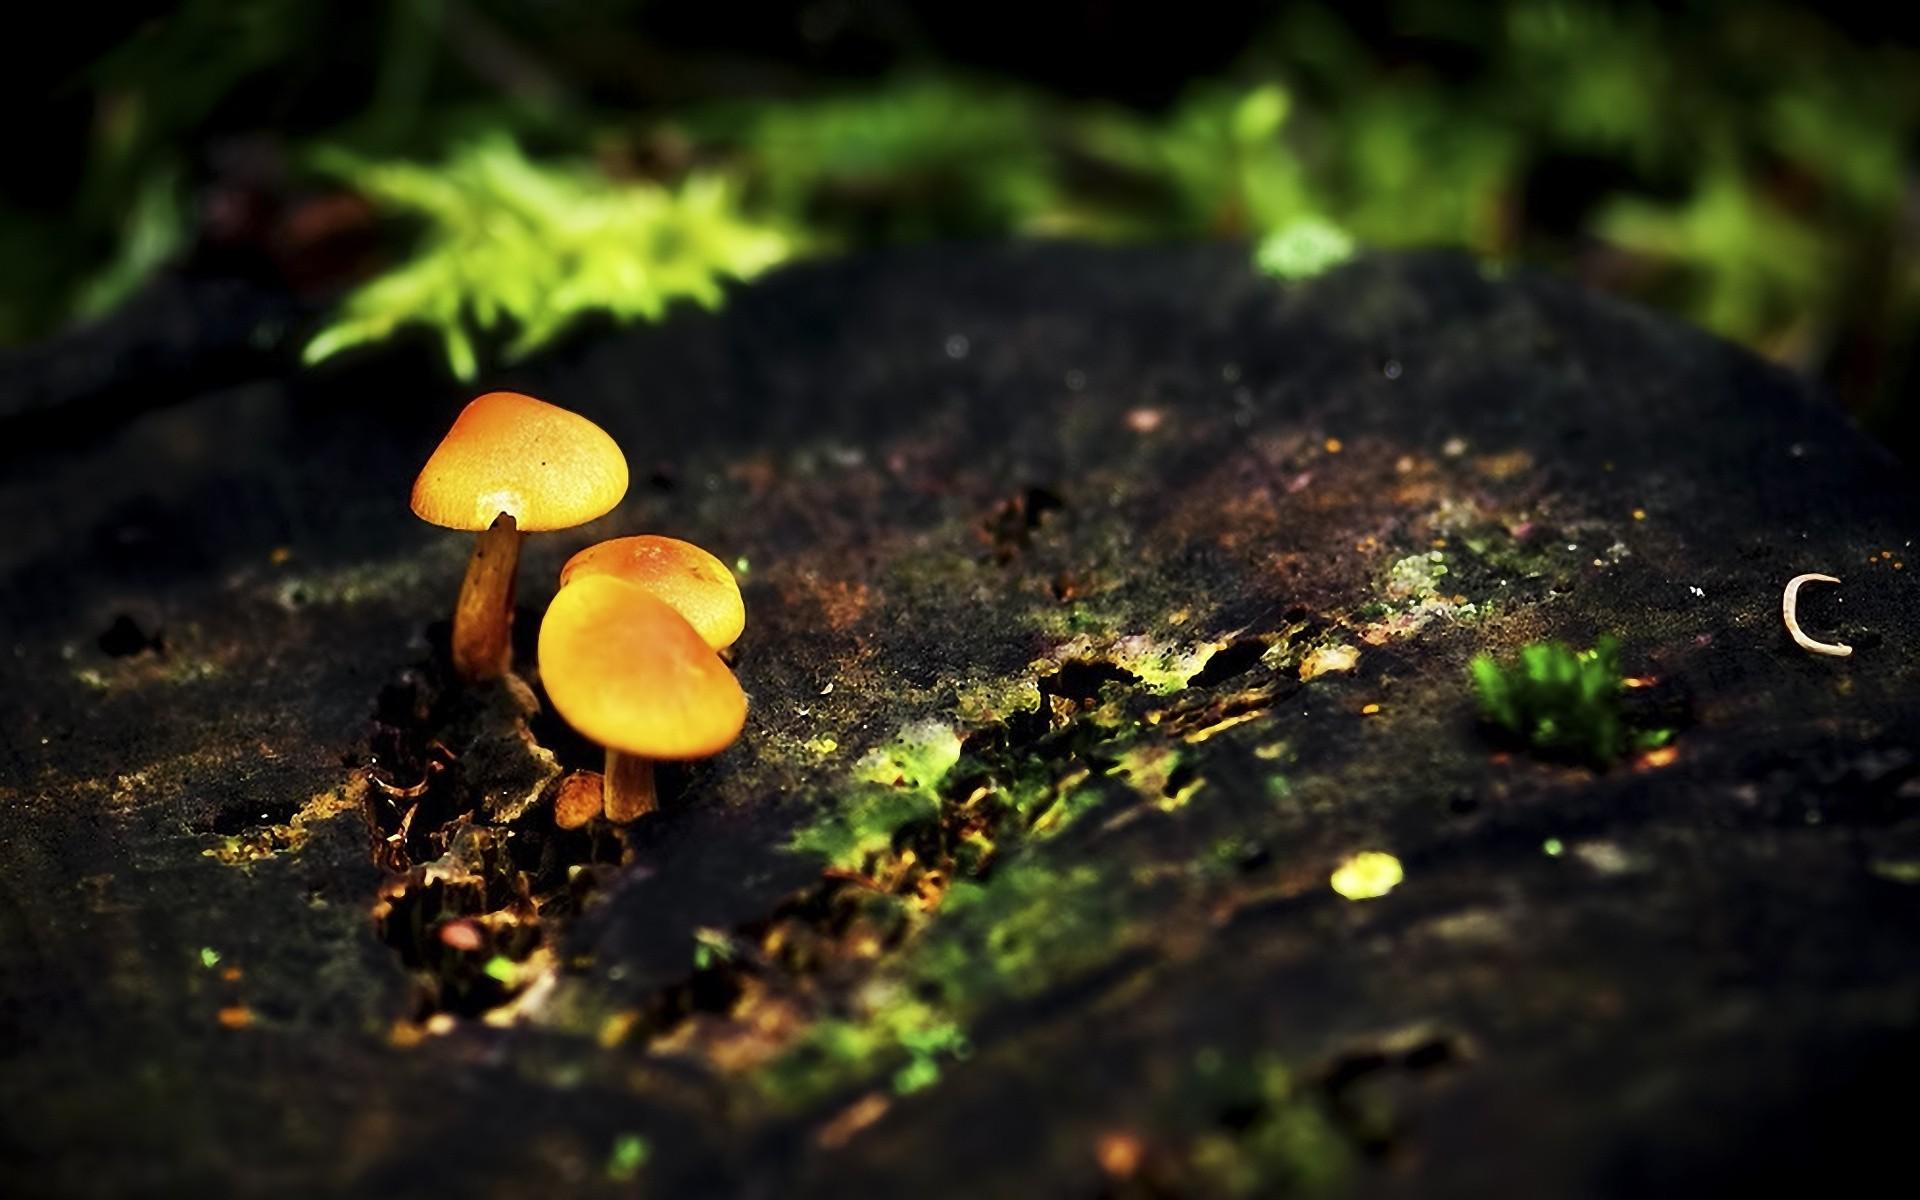 Mushroom clipart wallpaper  Mushroom Clipart Mushroom Clipart